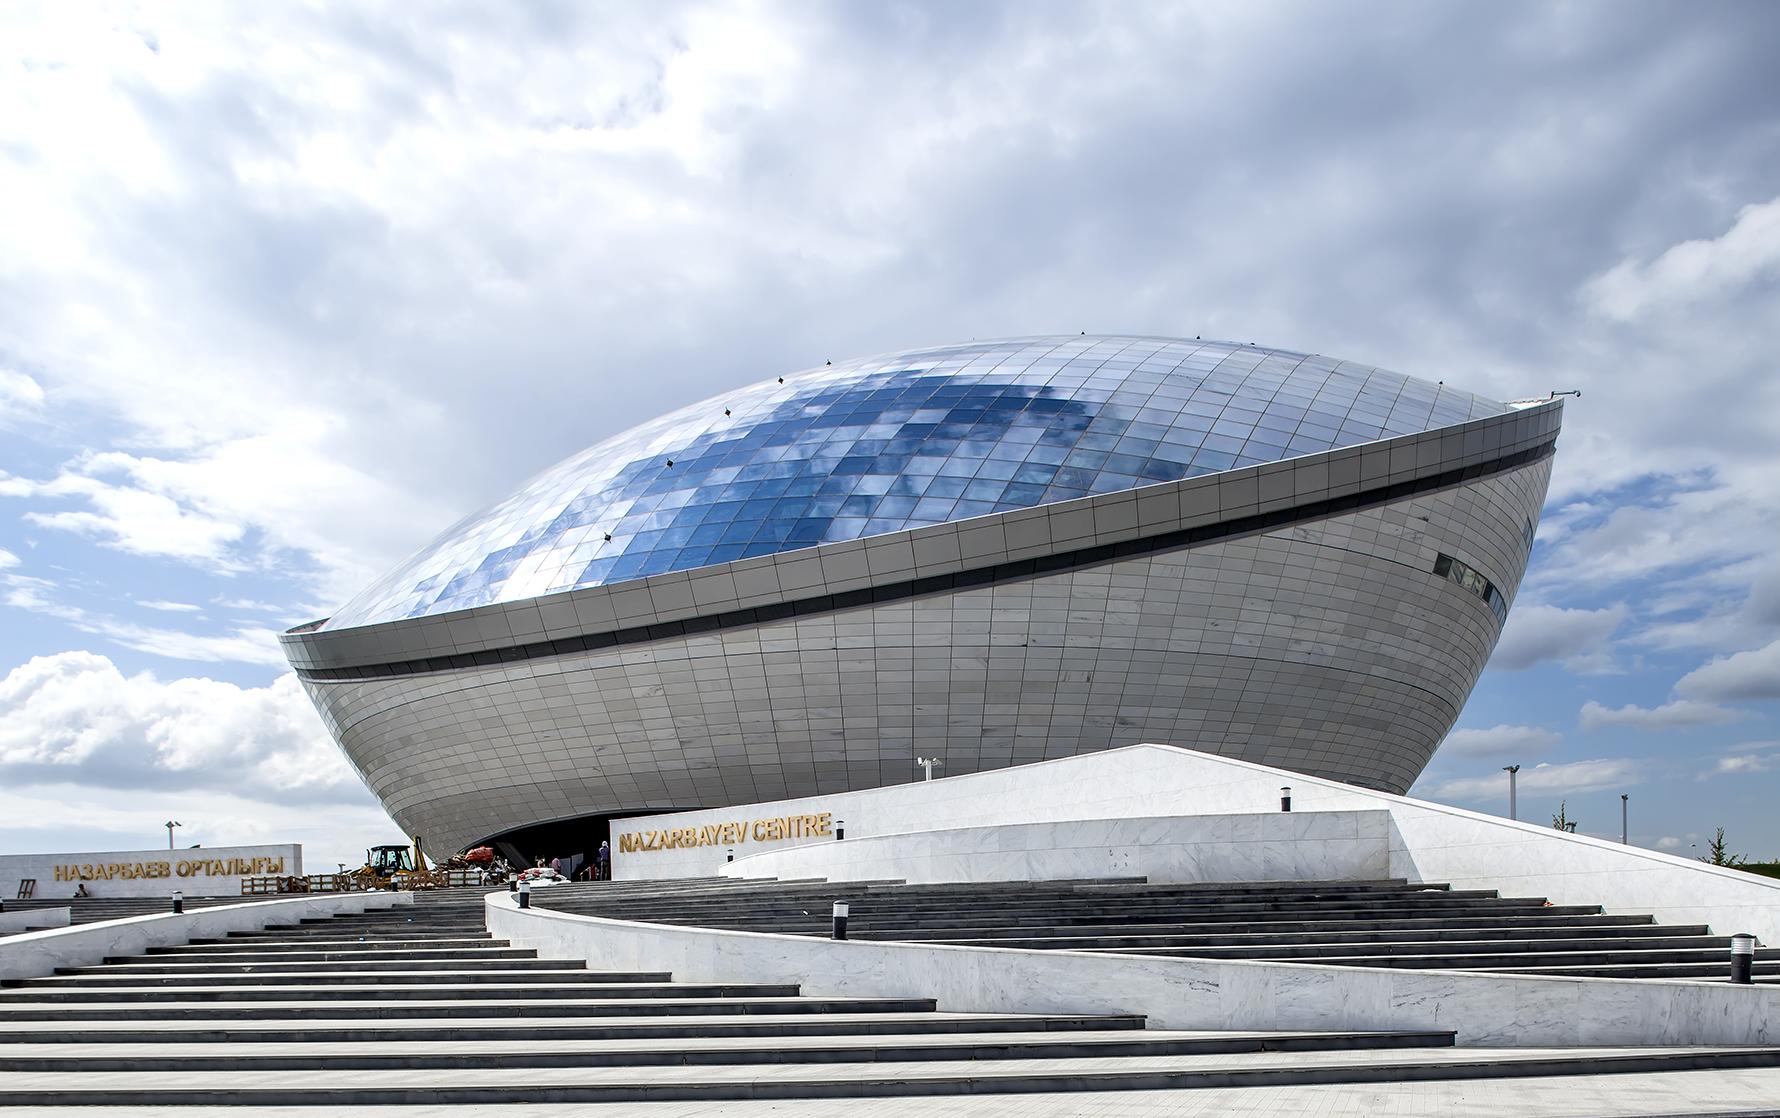 Назарбаев-центр в астане, фото 6828517, снято 8 июня 2014 г (c) вячеслав евсеев / фотобанк лори